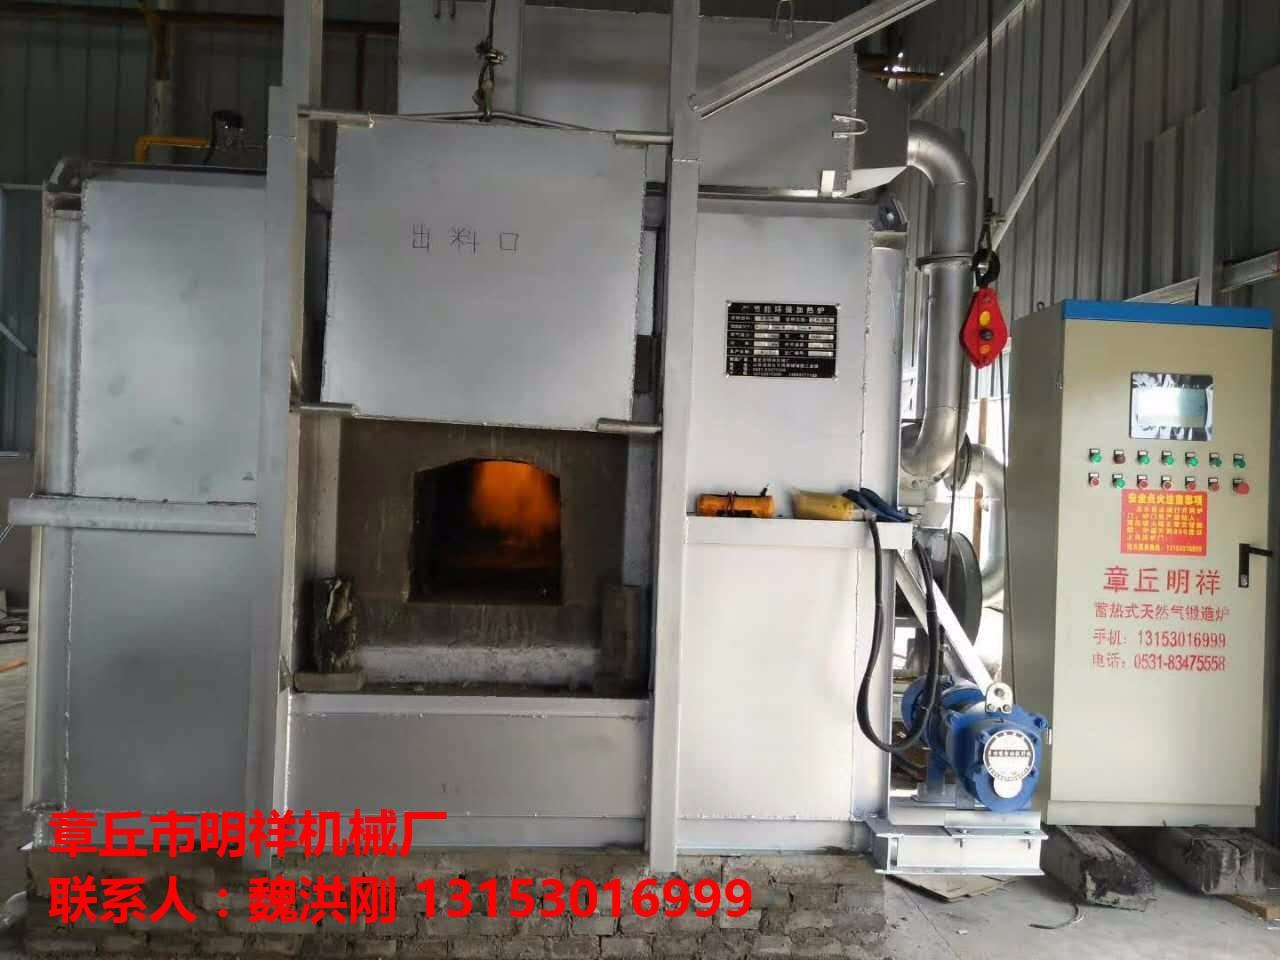 目前加热设备大多数为:电炉加热,燃气燃油加热.